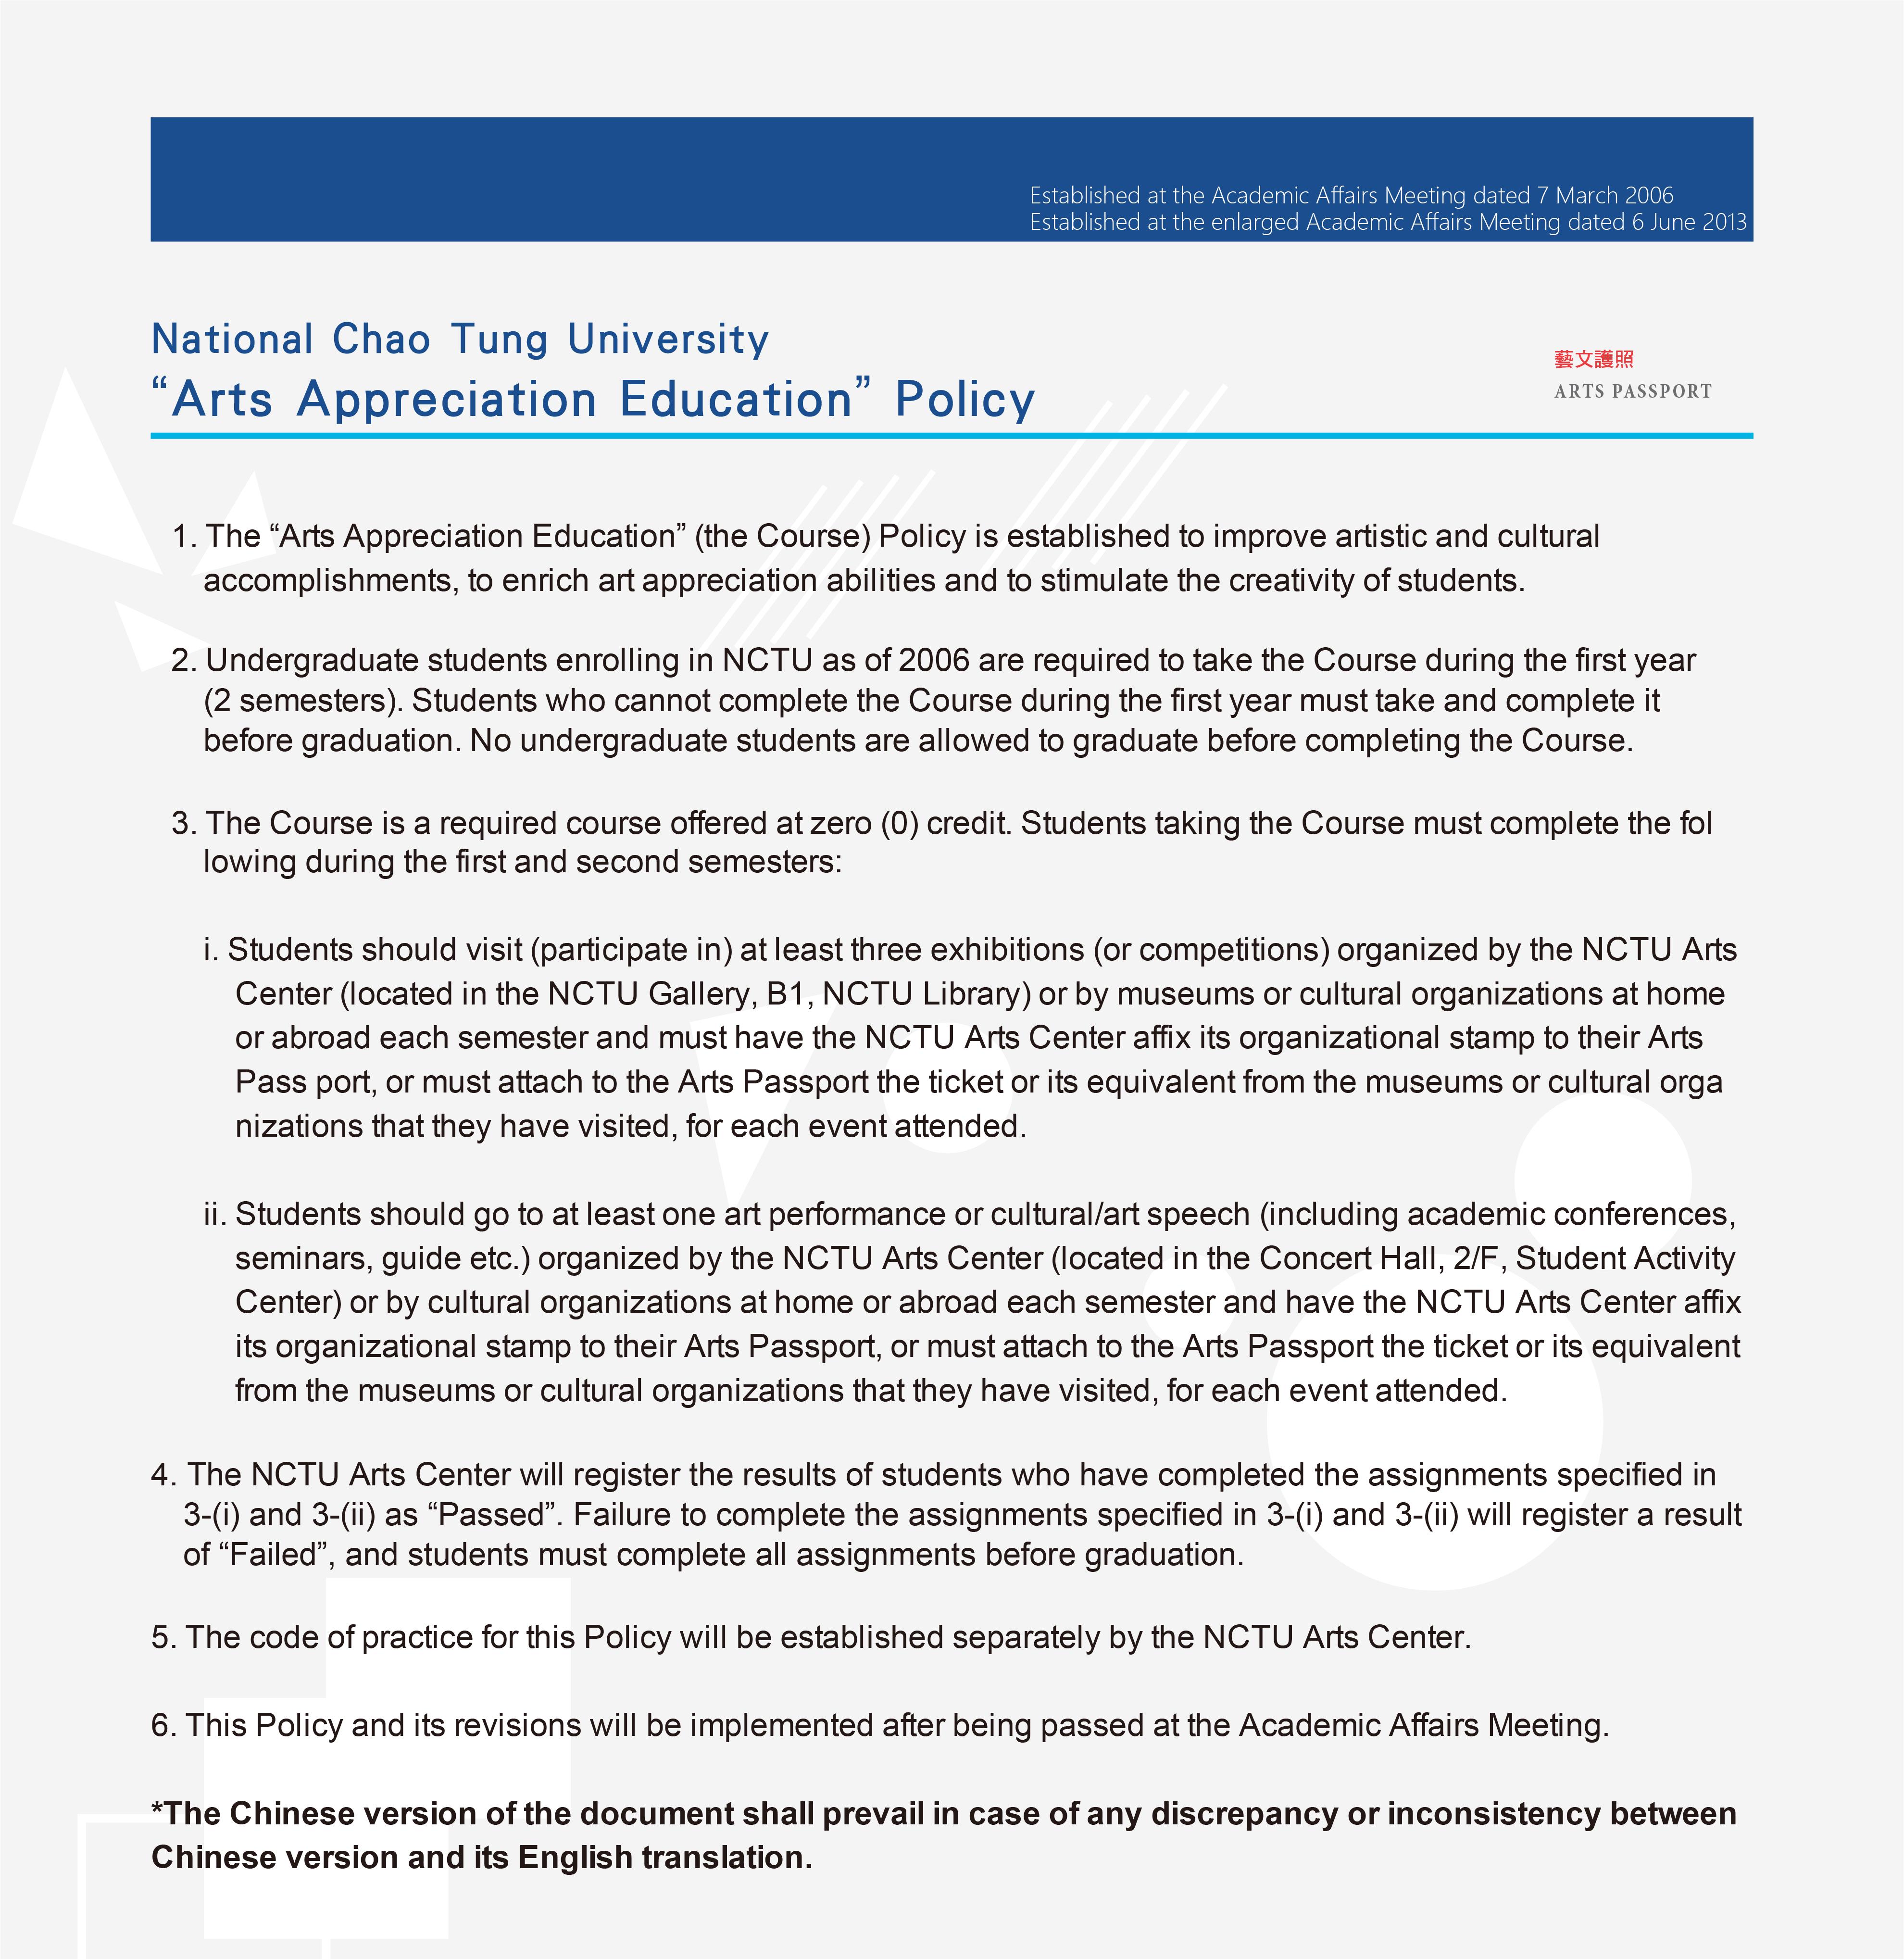 Arts Appreciation Education Policy